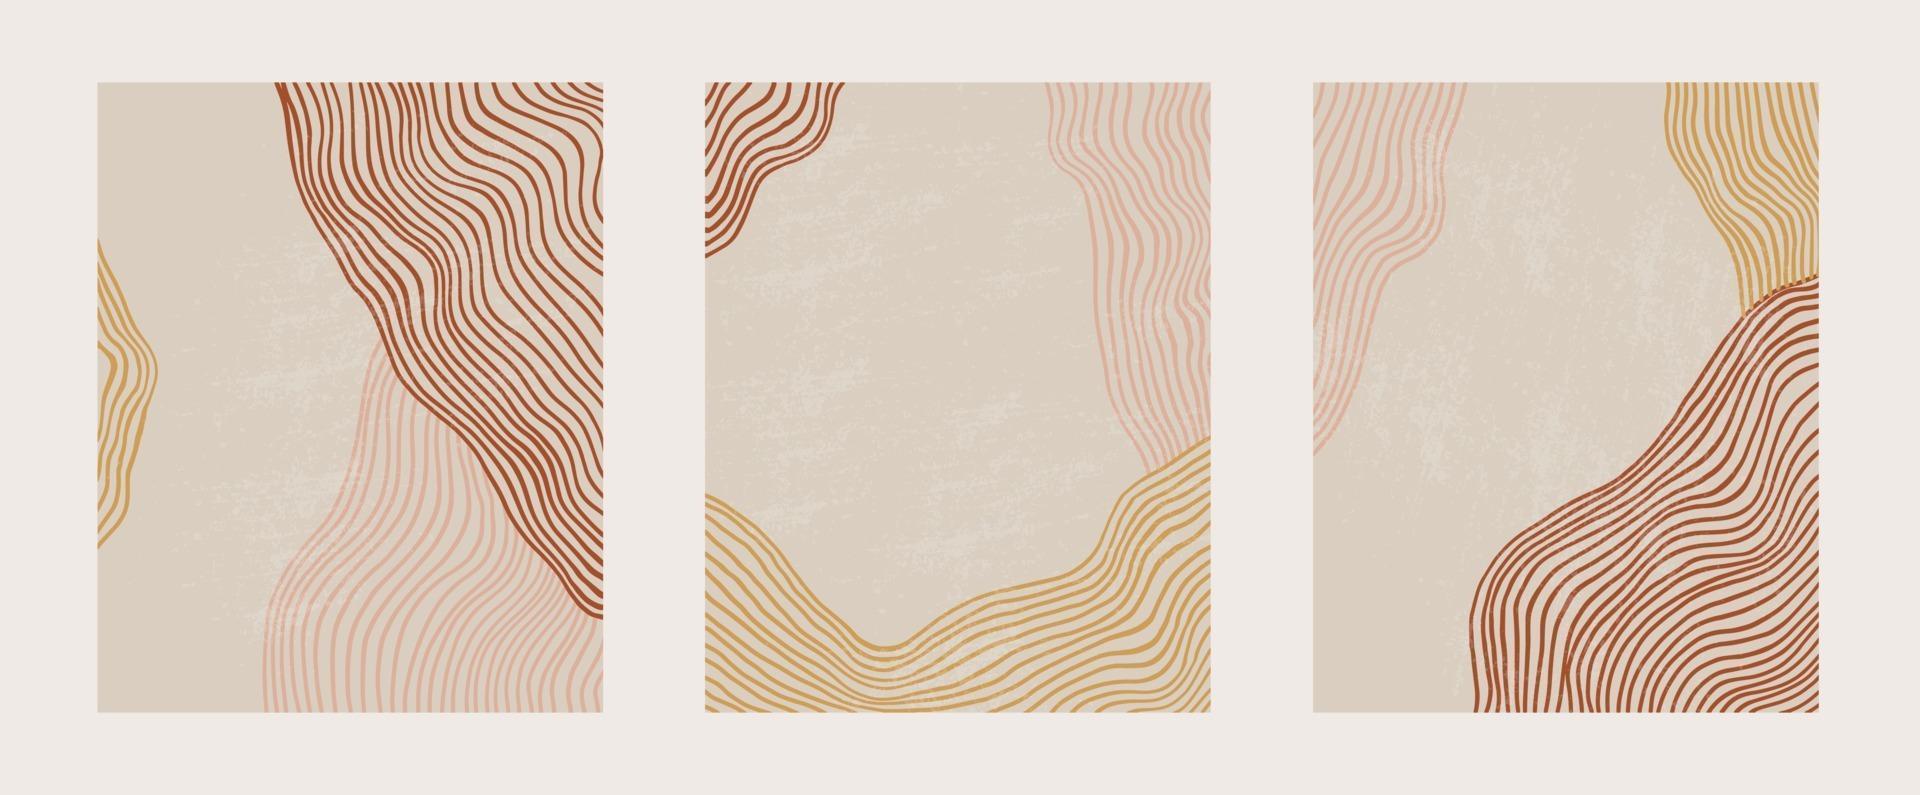 trendig samtida uppsättning abstrakt kreativ geometrisk minimalistisk konstnärlig handmålad kompositionskonst landskapsmall. vektor affischer för väggdekor i vintage stil